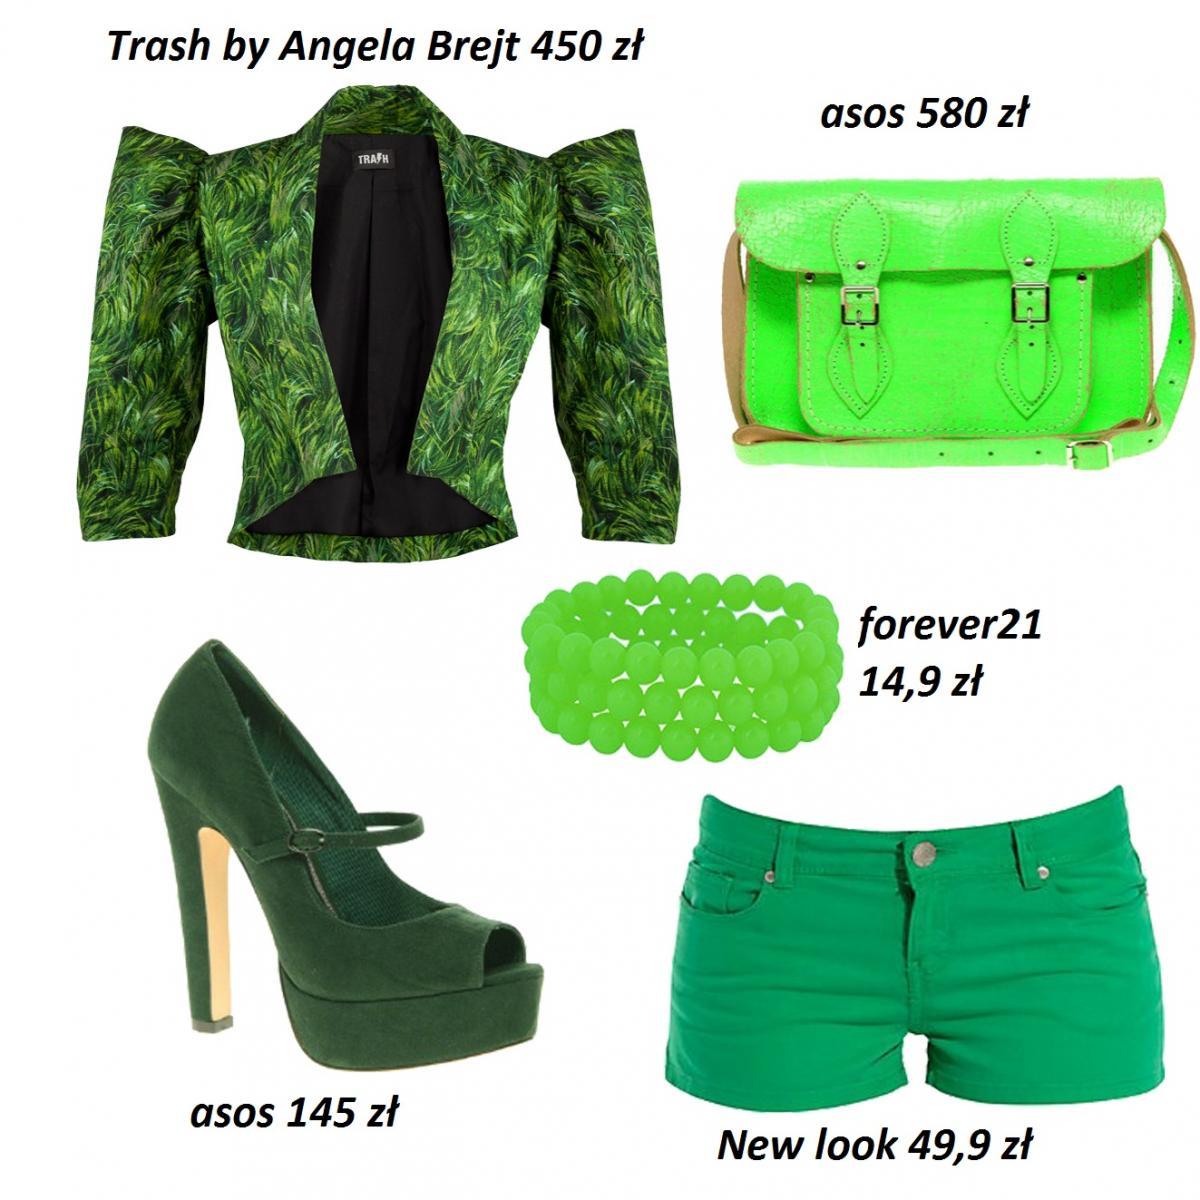 Trawiasta i jaskrawa zieleń - stylizacje w kolorze